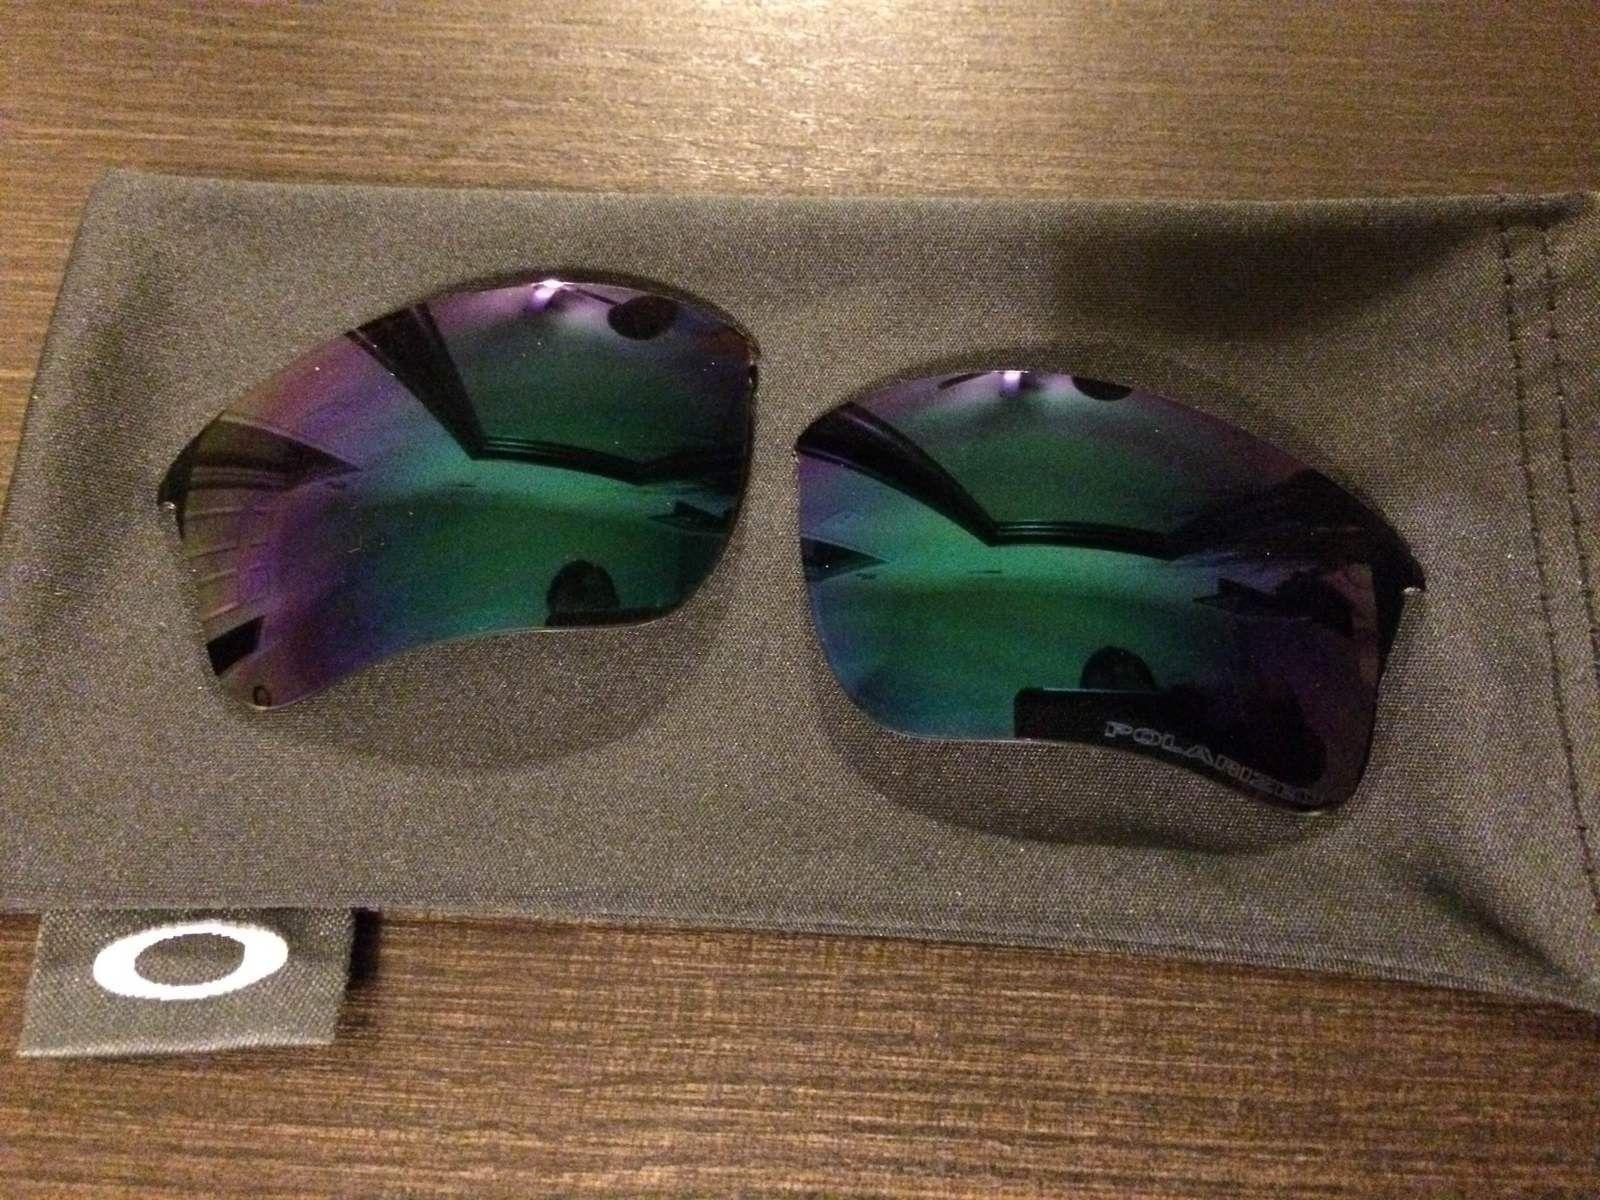 Flak Jacket XLJ Jade Iridium Polarized Lenses - IMG_2811.JPG